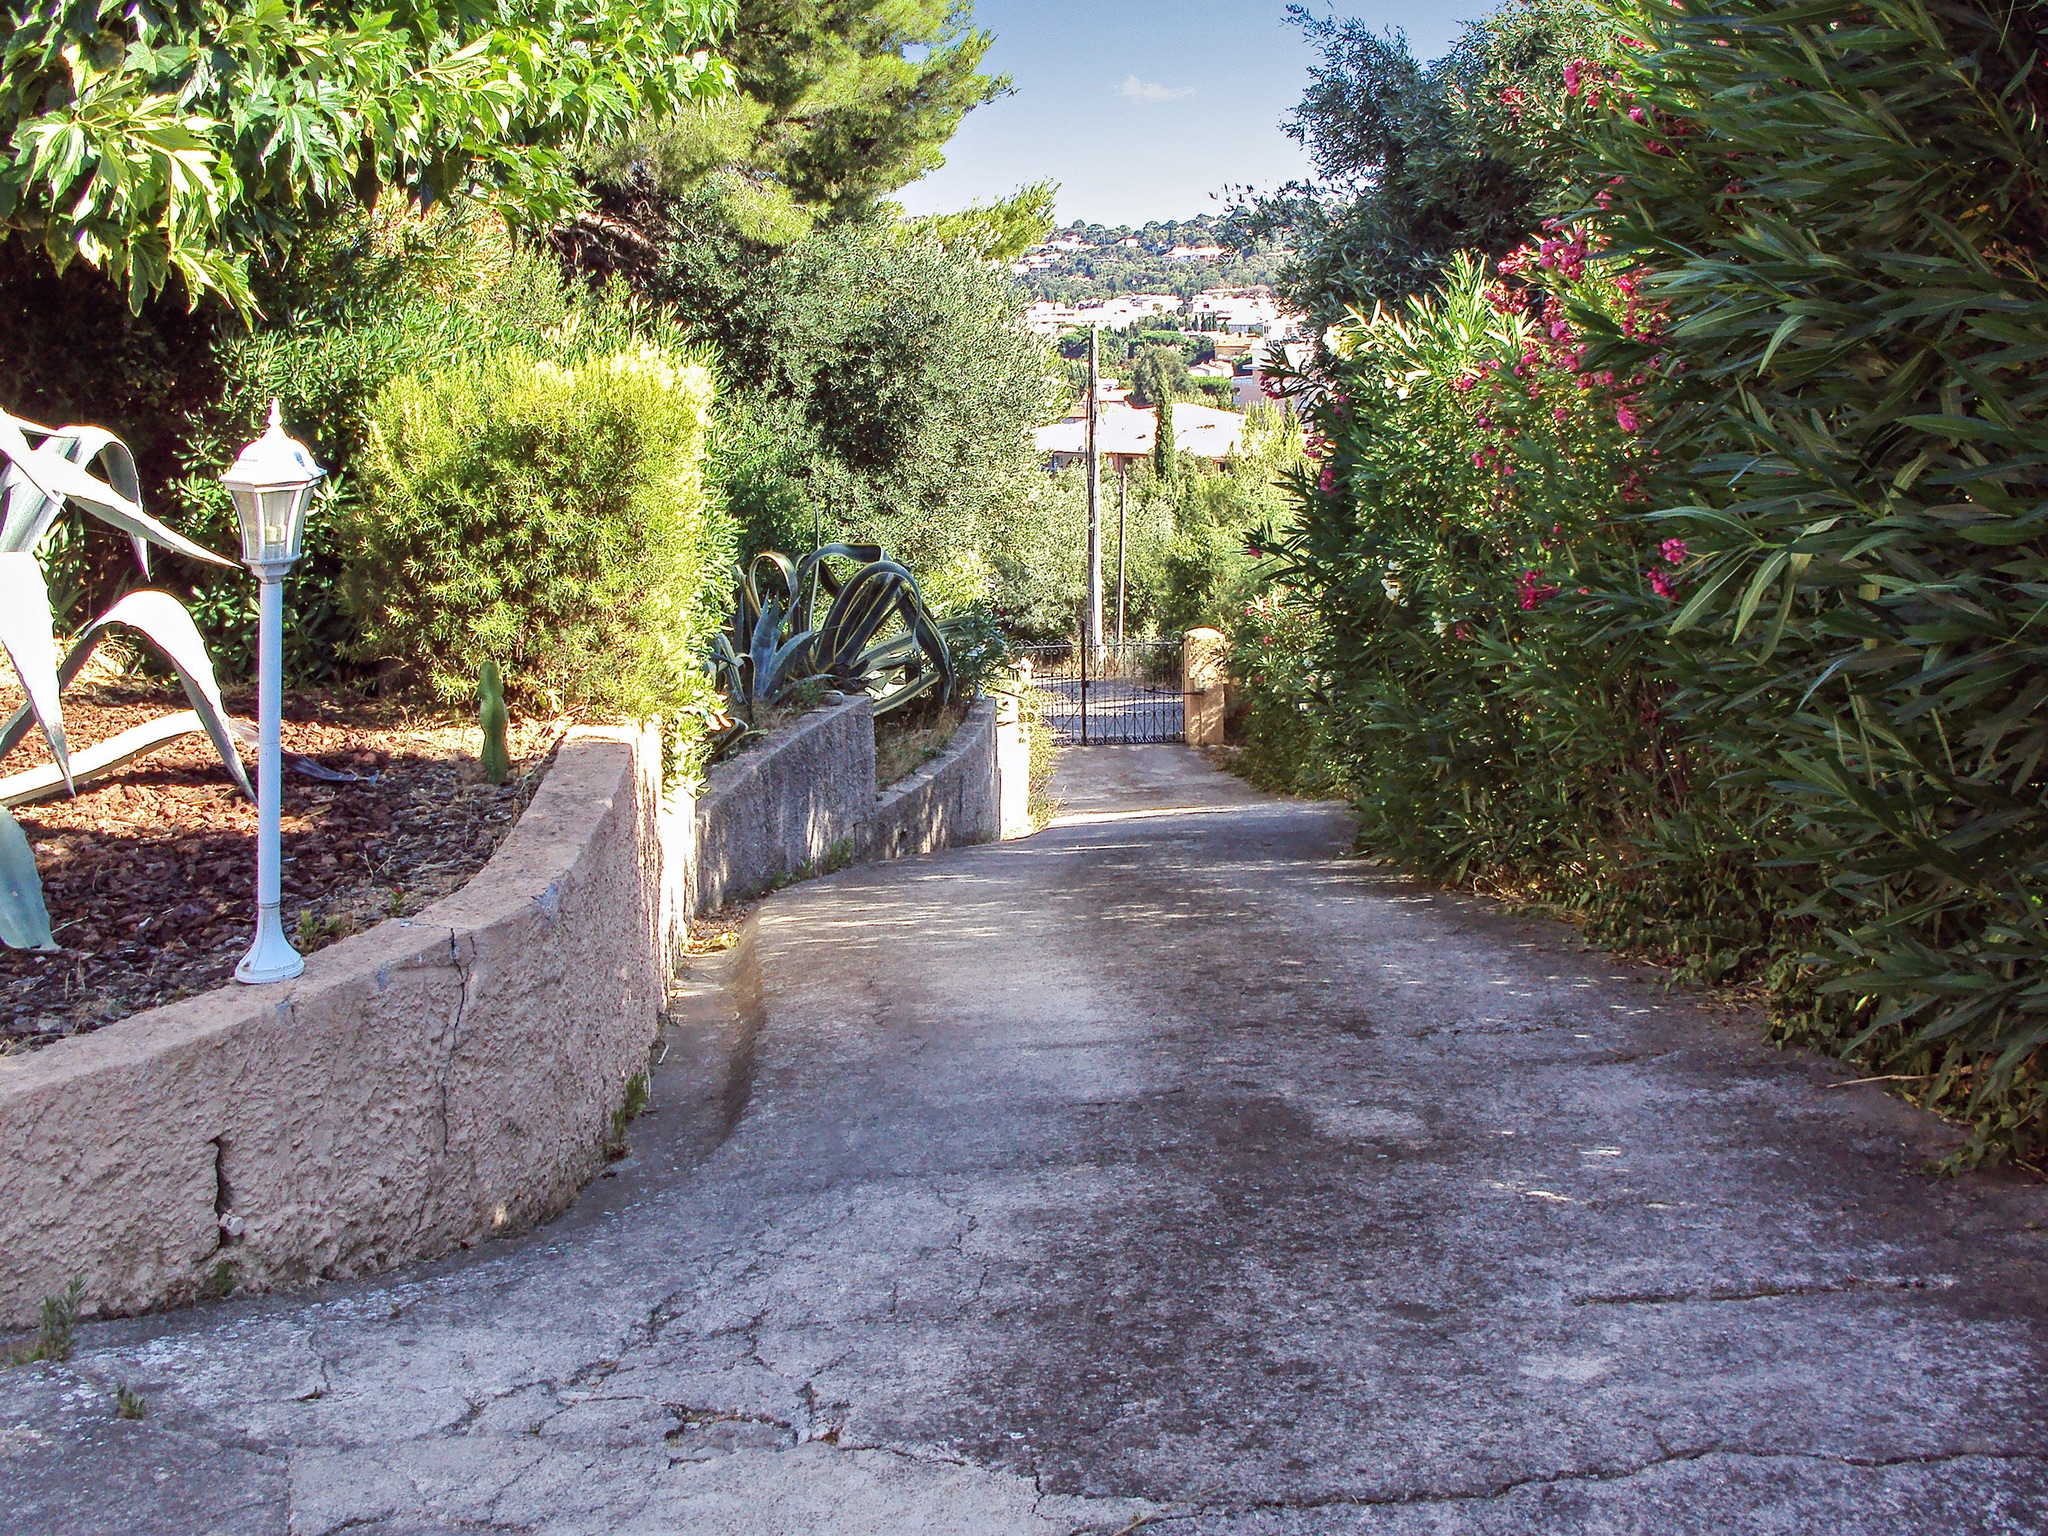 Holiday apartment Wohnung an der Côte d'Azur mit Terrasse, 900 m vom Strand und dem Zentrum entfernt (2202310), Cavalaire sur Mer, Côte d'Azur, Provence - Alps - Côte d'Azur, France, picture 20